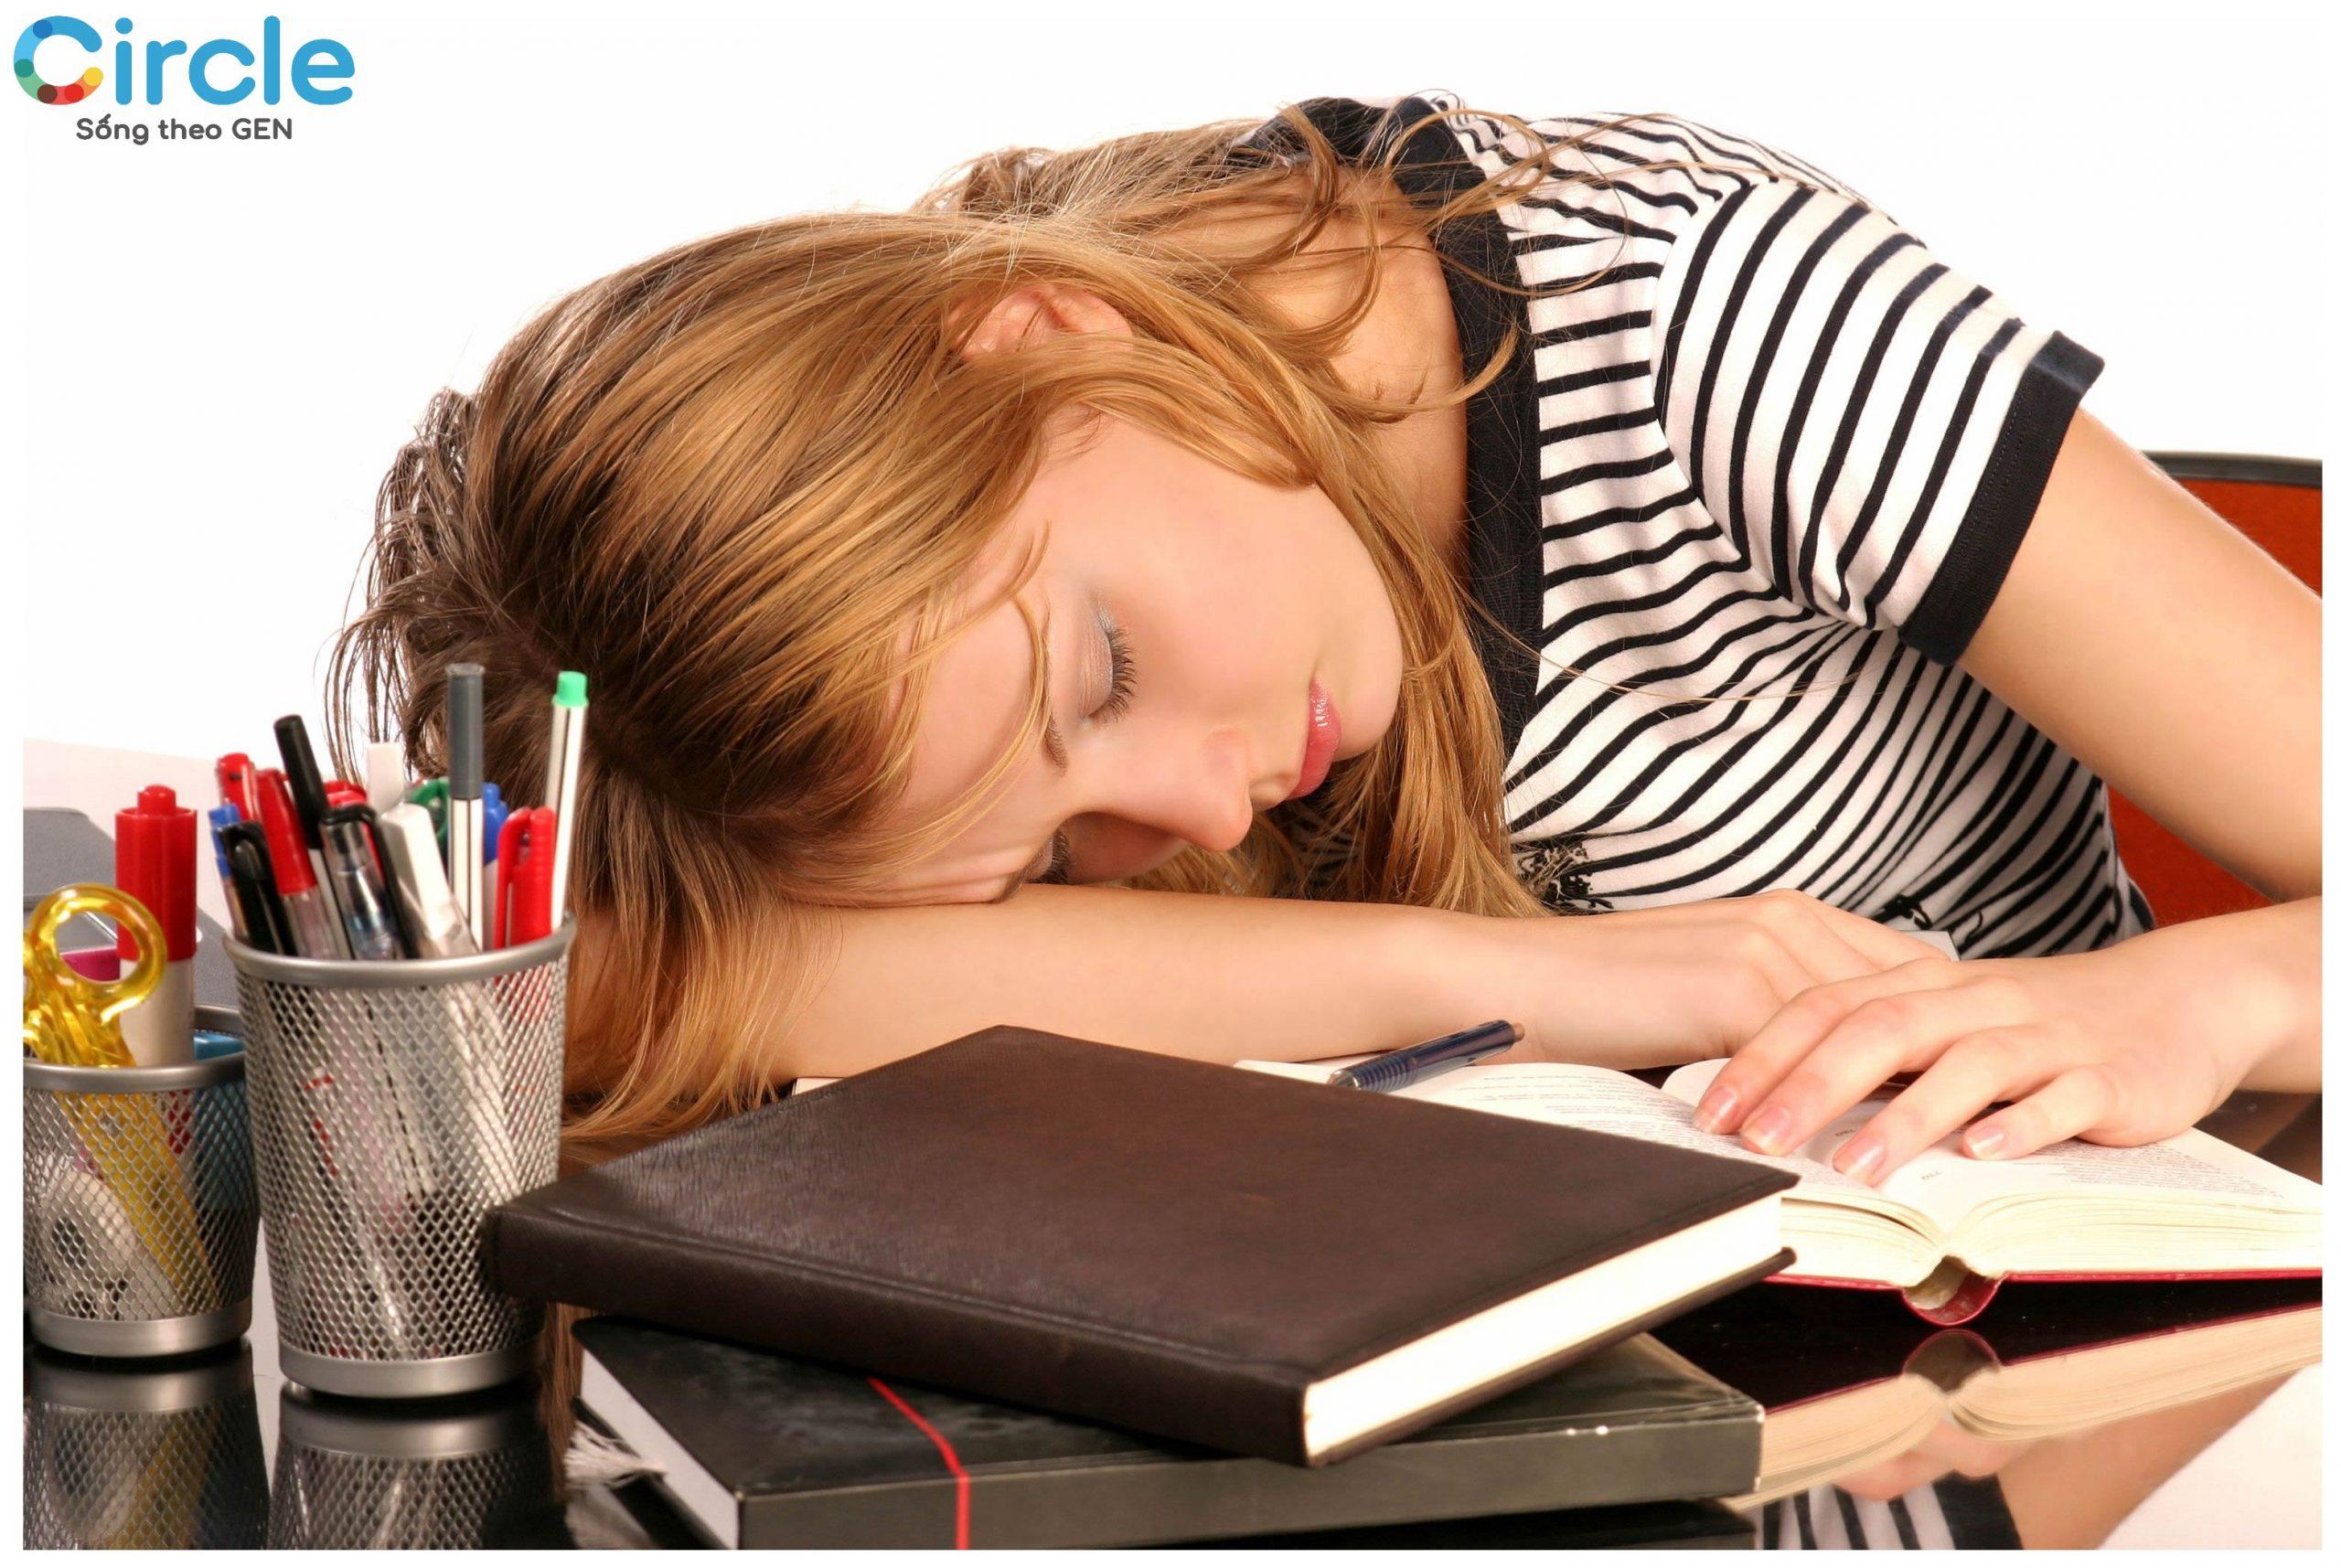 Ngủ nhiều thực sự không có gì tốt cho sức khỏe, đặc biệt là đối với người mắc chứng ngủ lịm và đang ở độ tuổi đi học, đi làm.